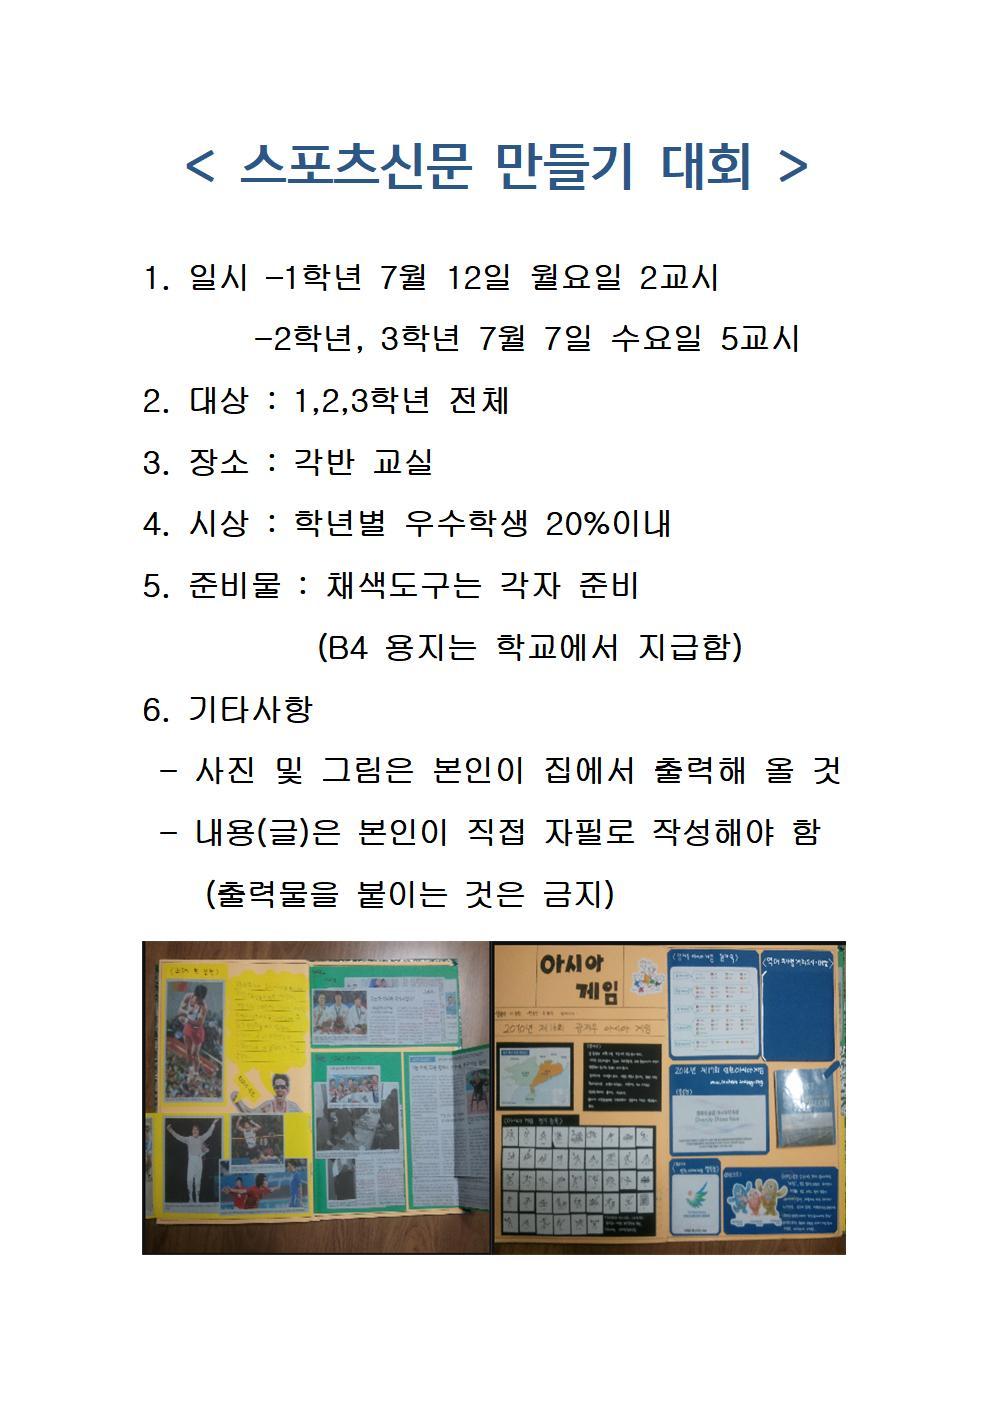 [일반] <스포츠신문 만들기 대회> 안내의 첨부이미지 1